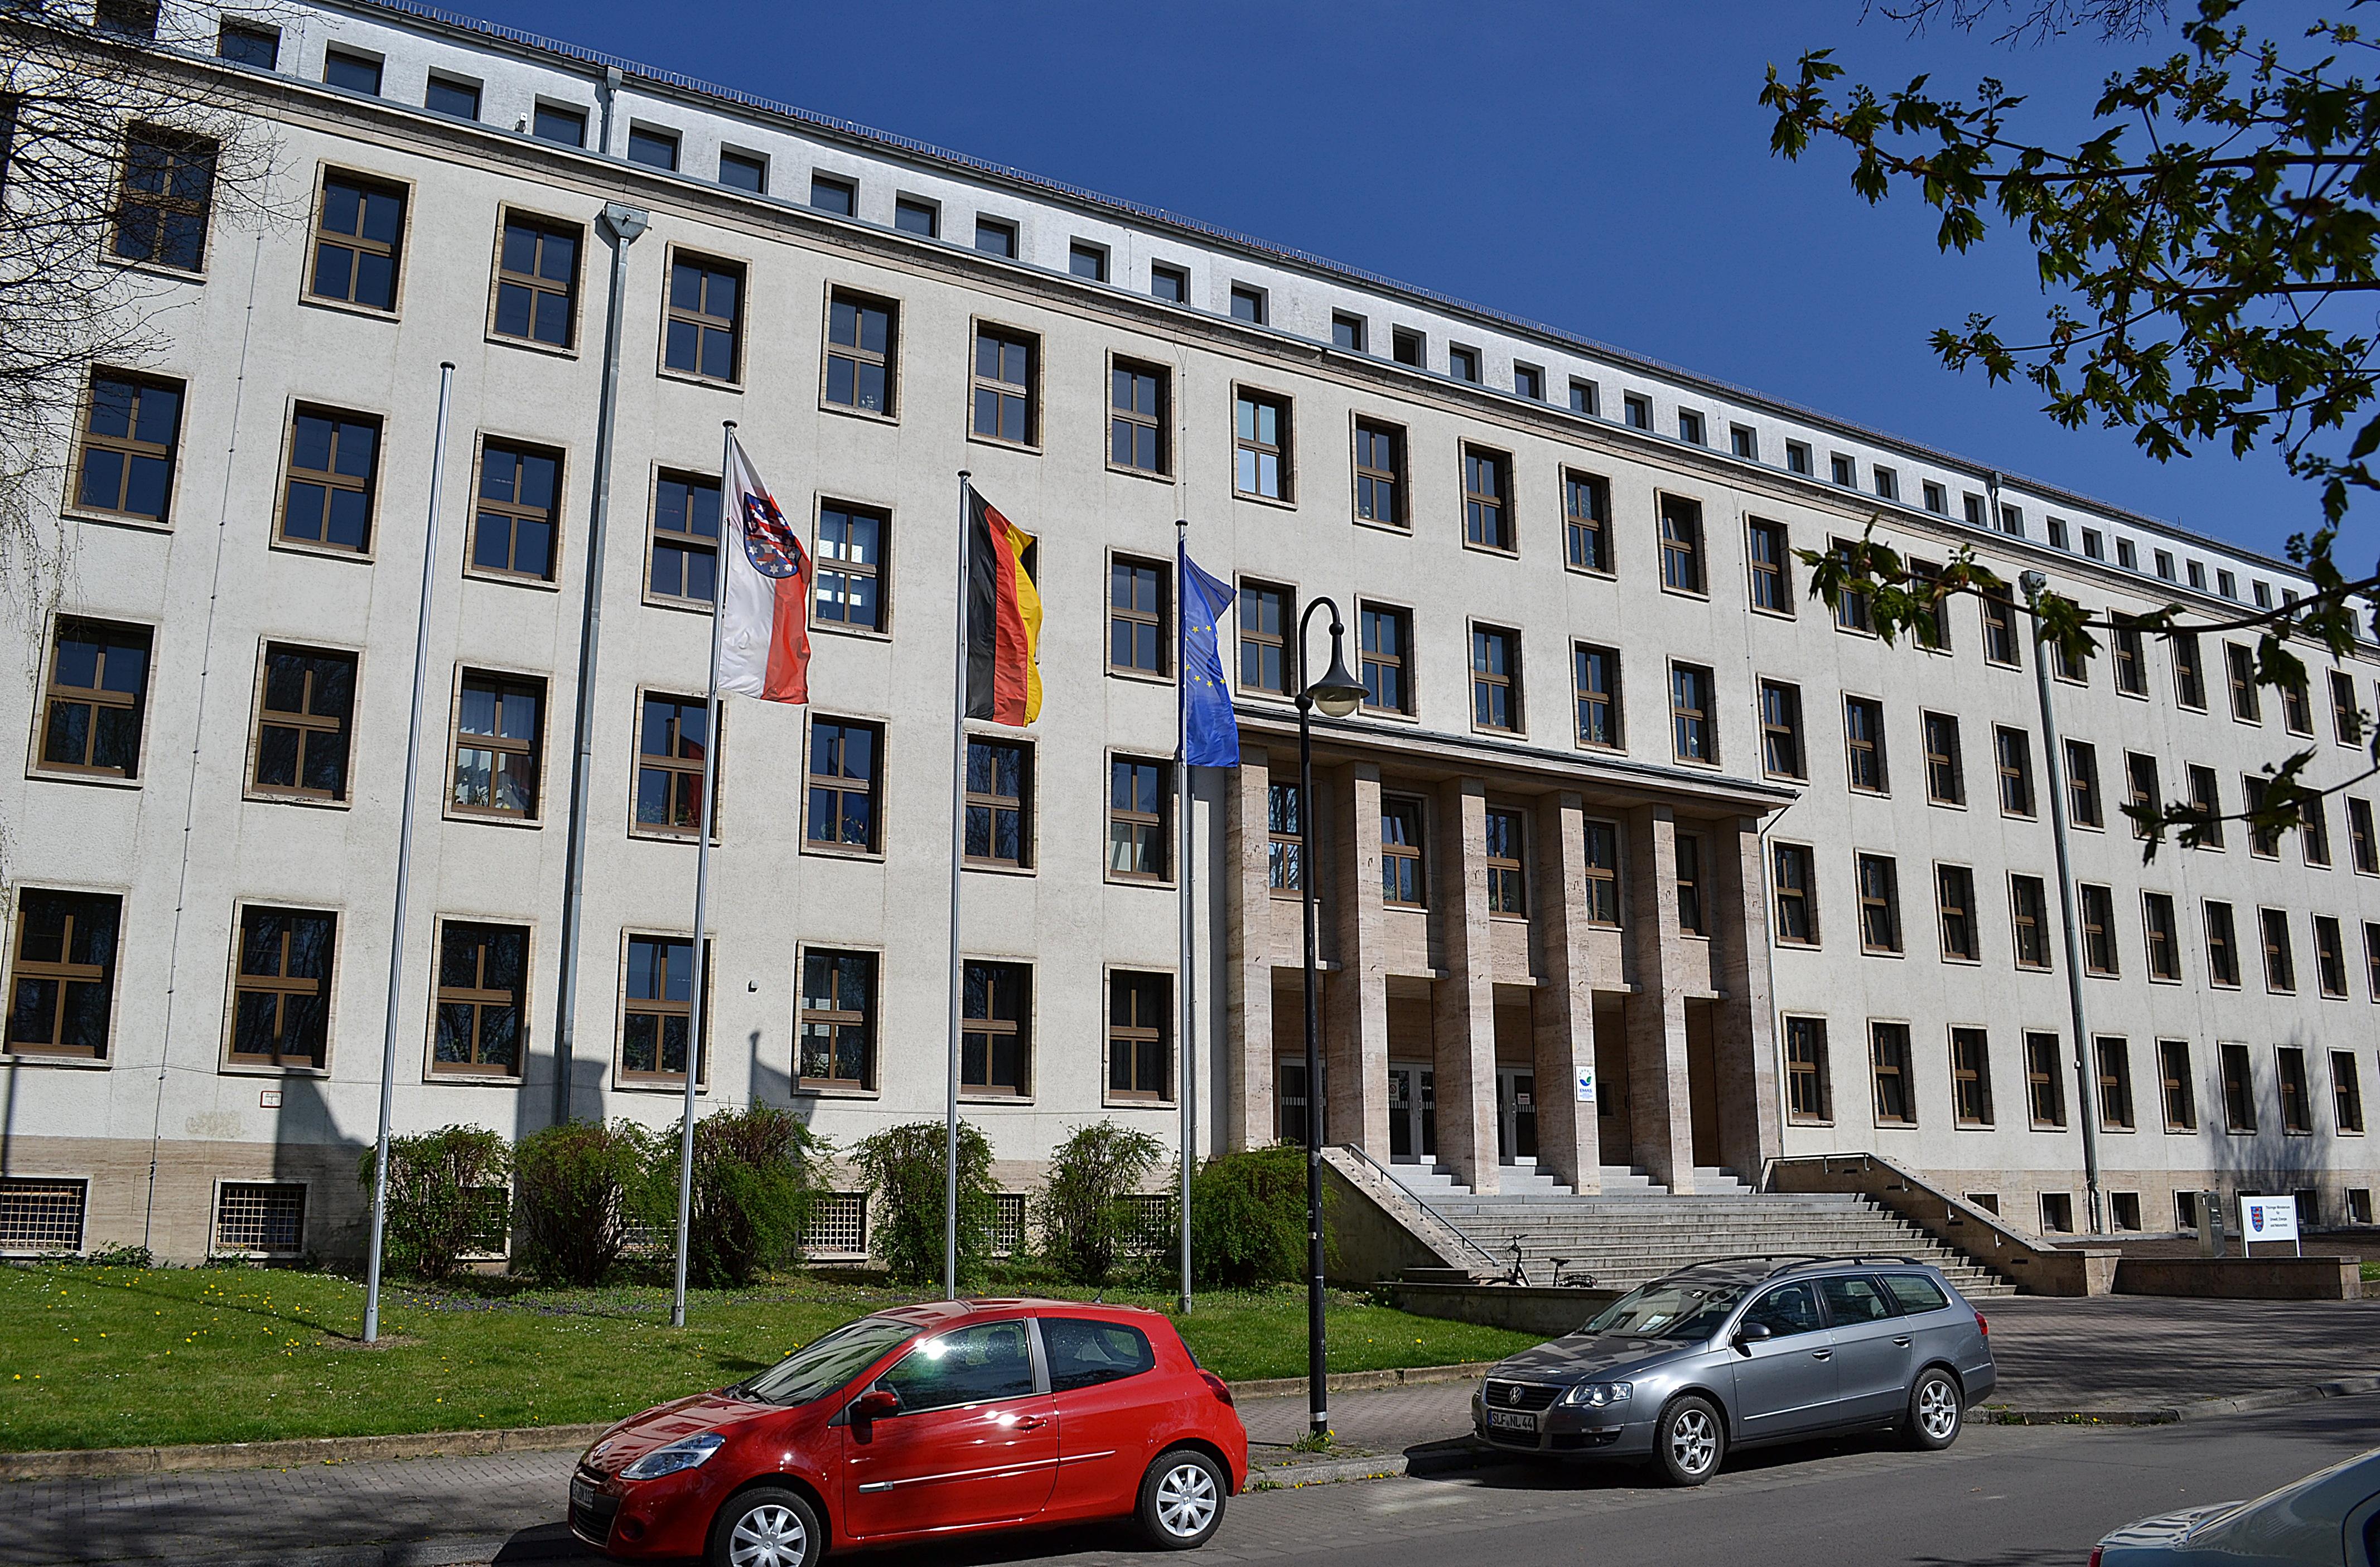 Sitz der Landesregulierungsbehörde, ein Verwaltungsgebäude in Erfurt.